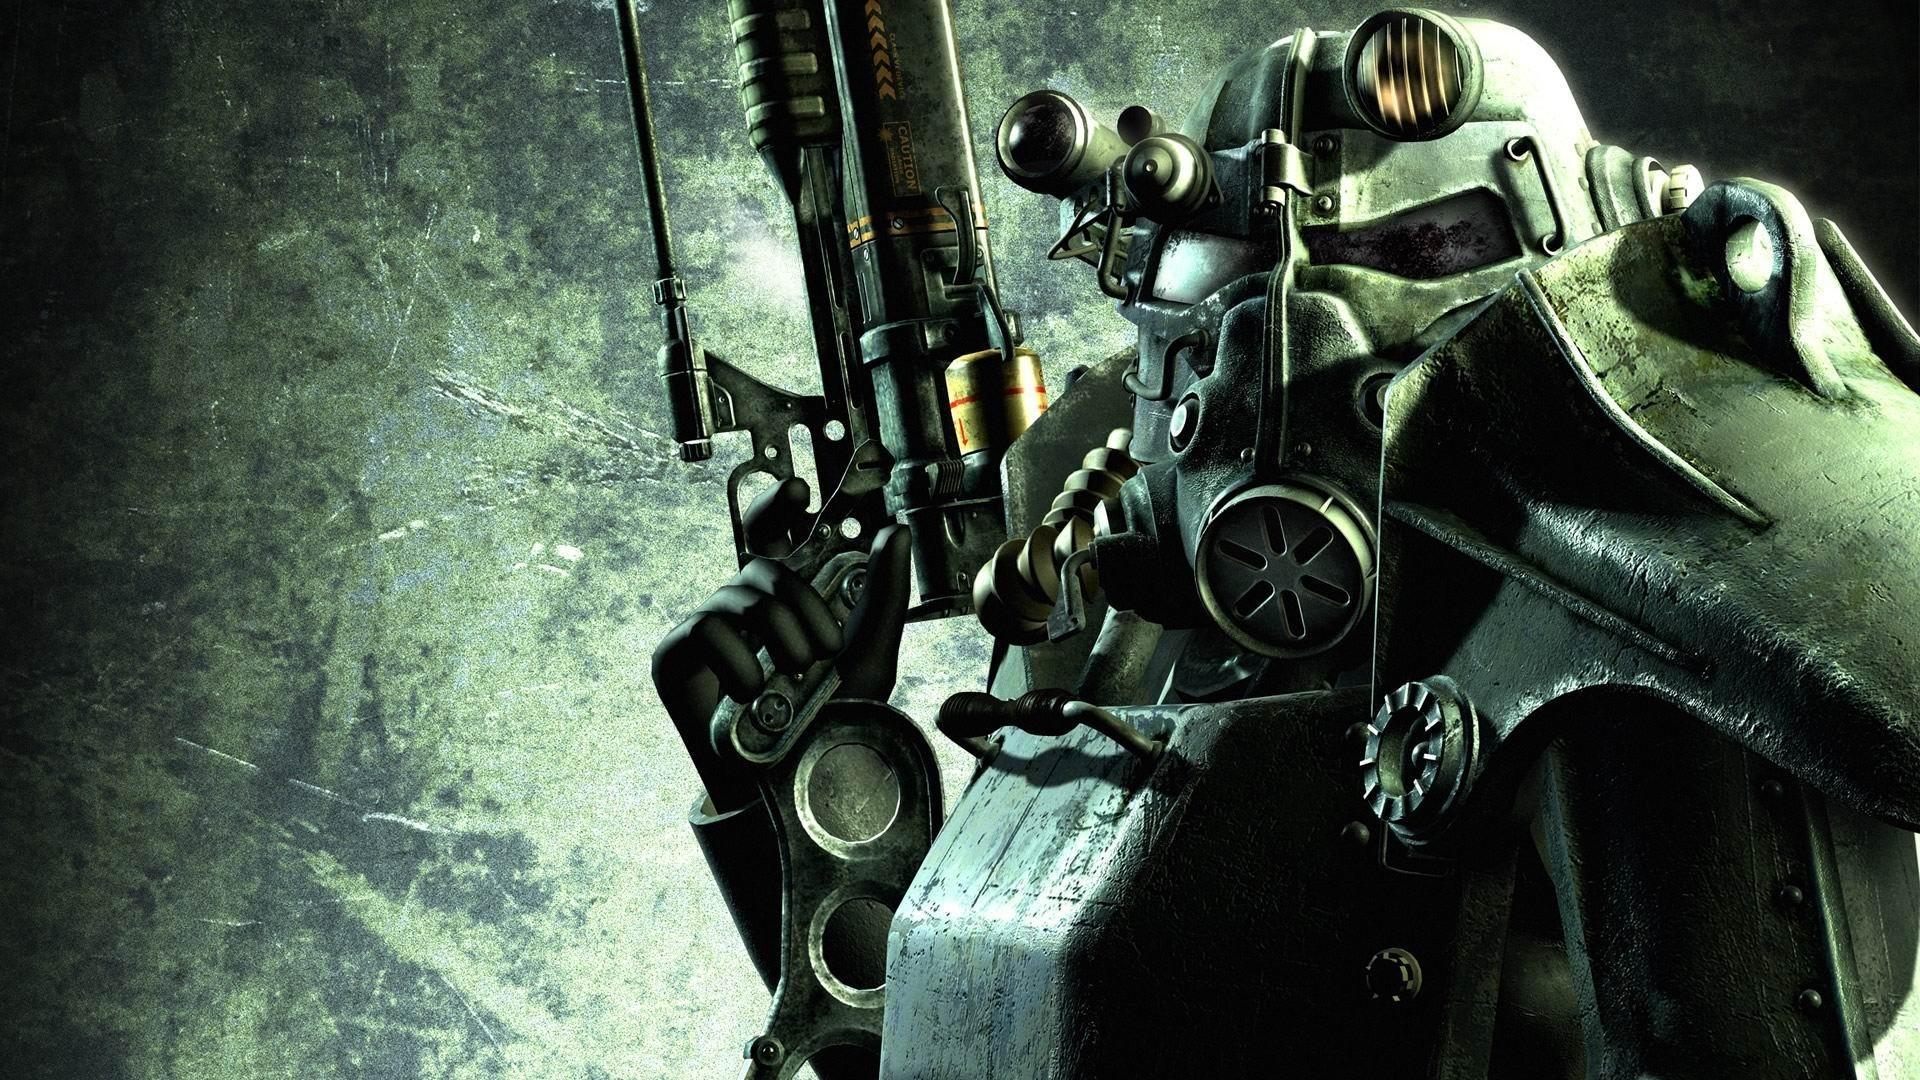 Wallpaper fallout, gun, soldier, equipment